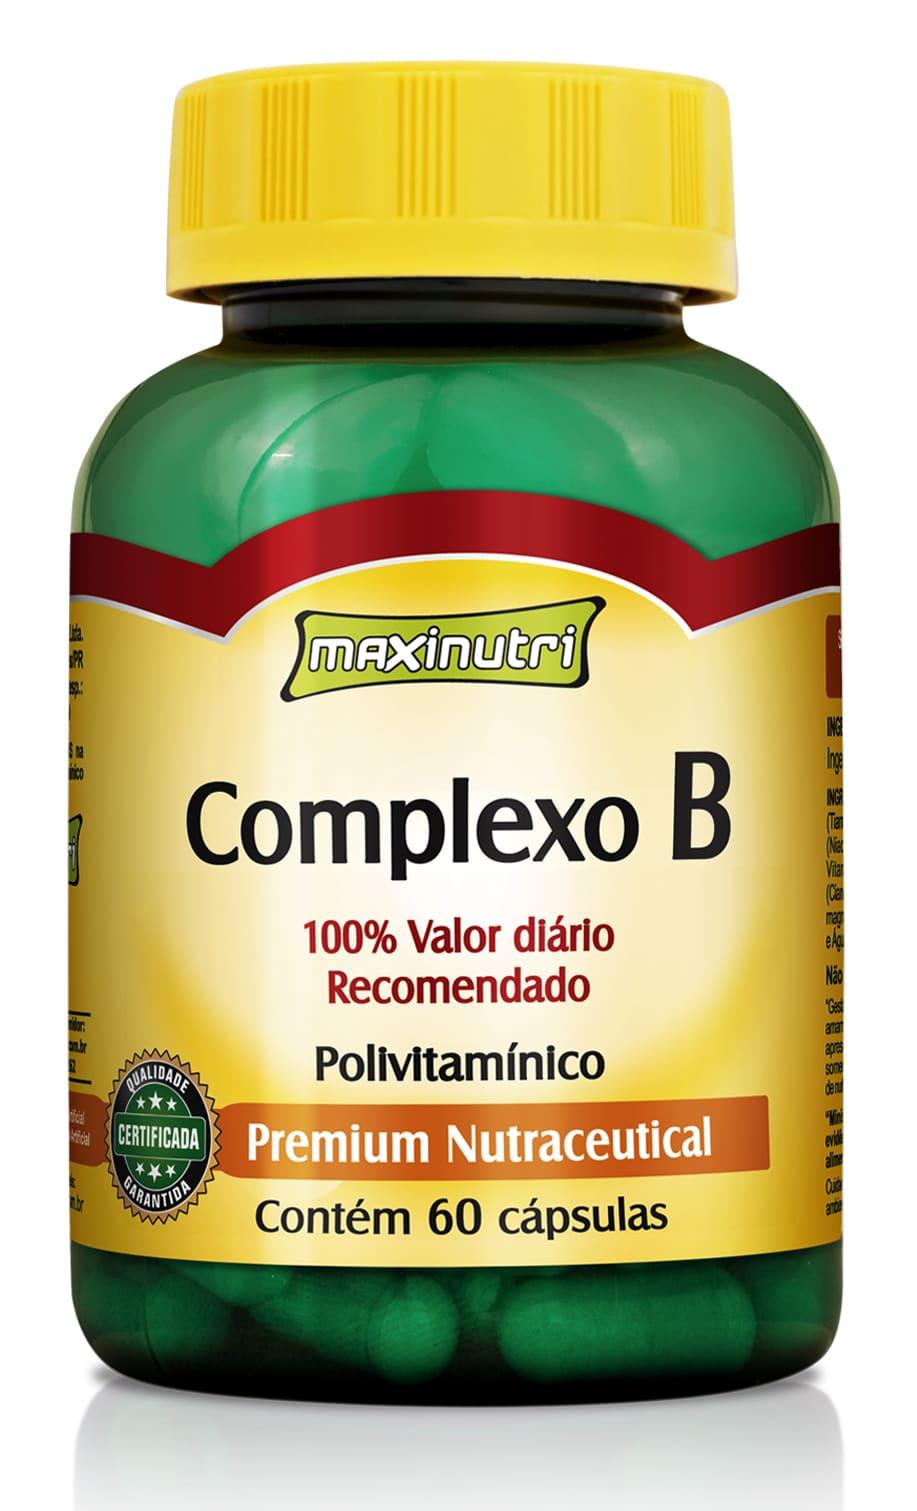 complexob 20120611 101407